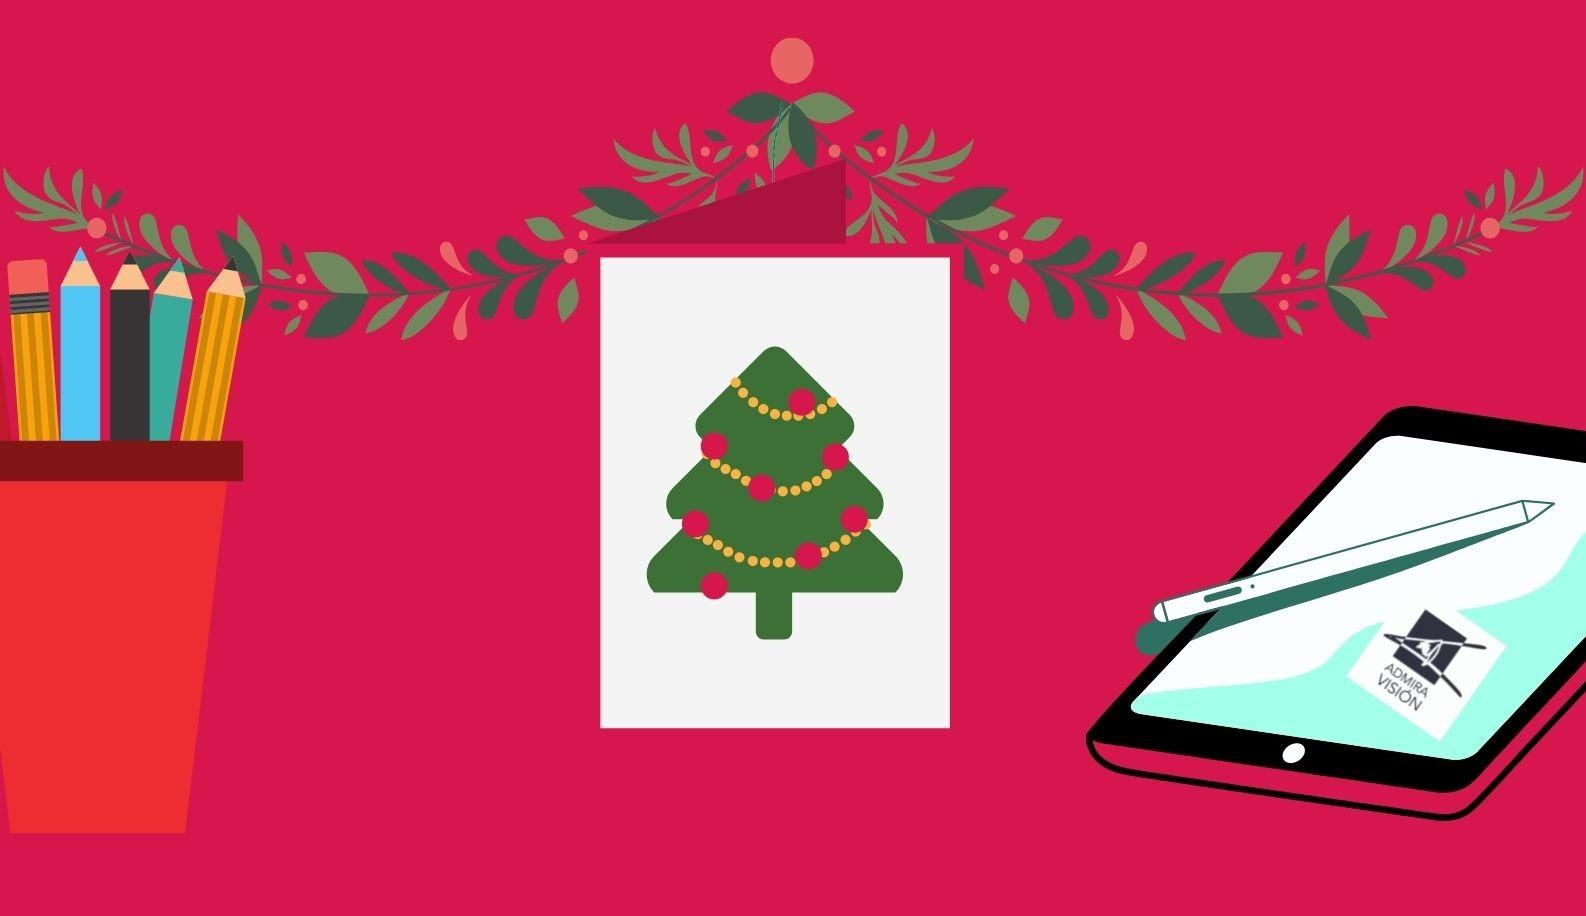 VIII Concurso de dibujo. Diseña nuestra postal de Navidad